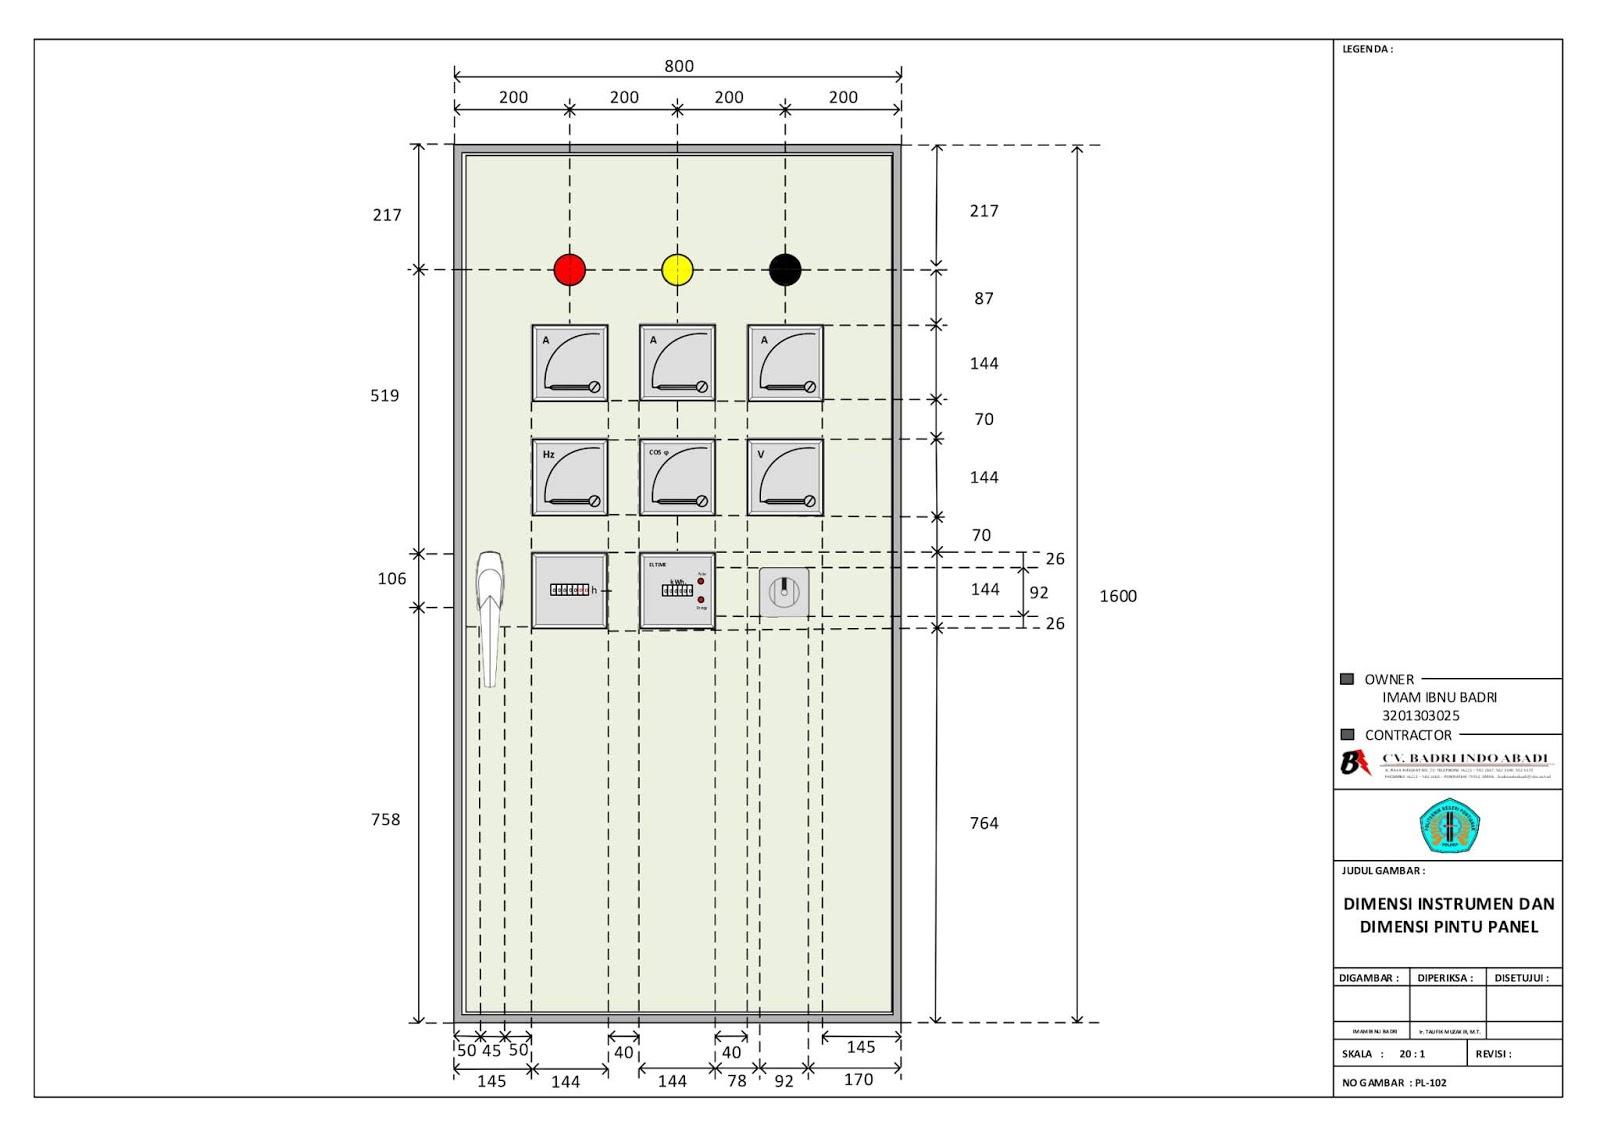 Dimensi Instrumen dan Dimensi Pintu Panel